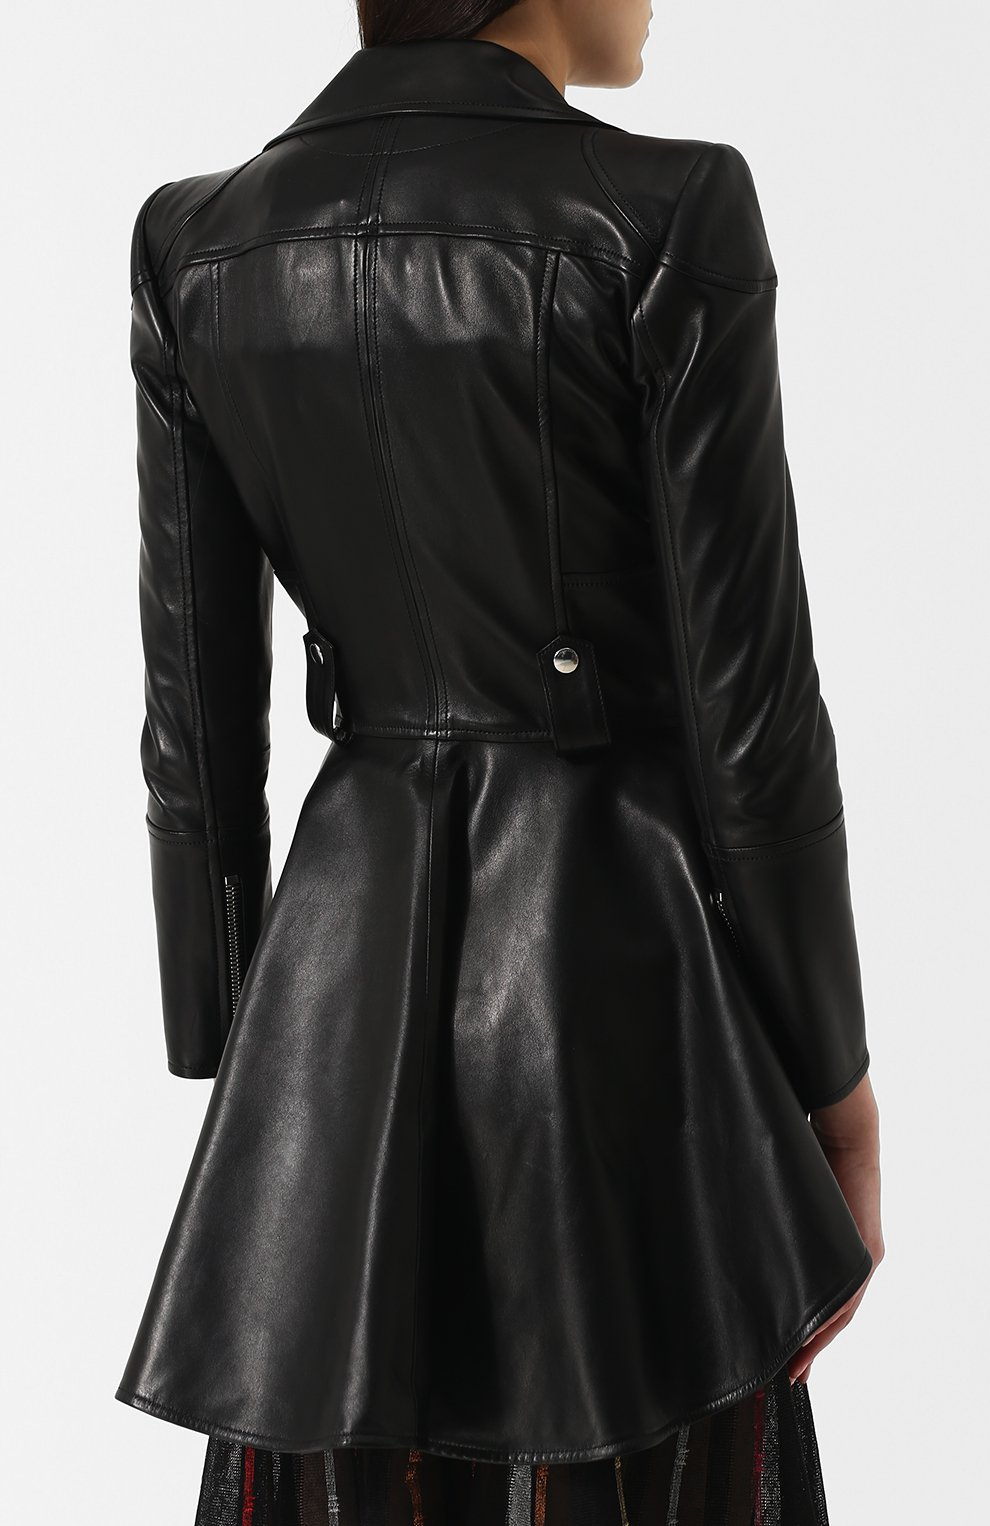 Женская приталенная кожаная куртка с удлиненной спинкой ALEXANDER MCQUEEN черного цвета, арт. 507772/Q5KWI | Фото 4